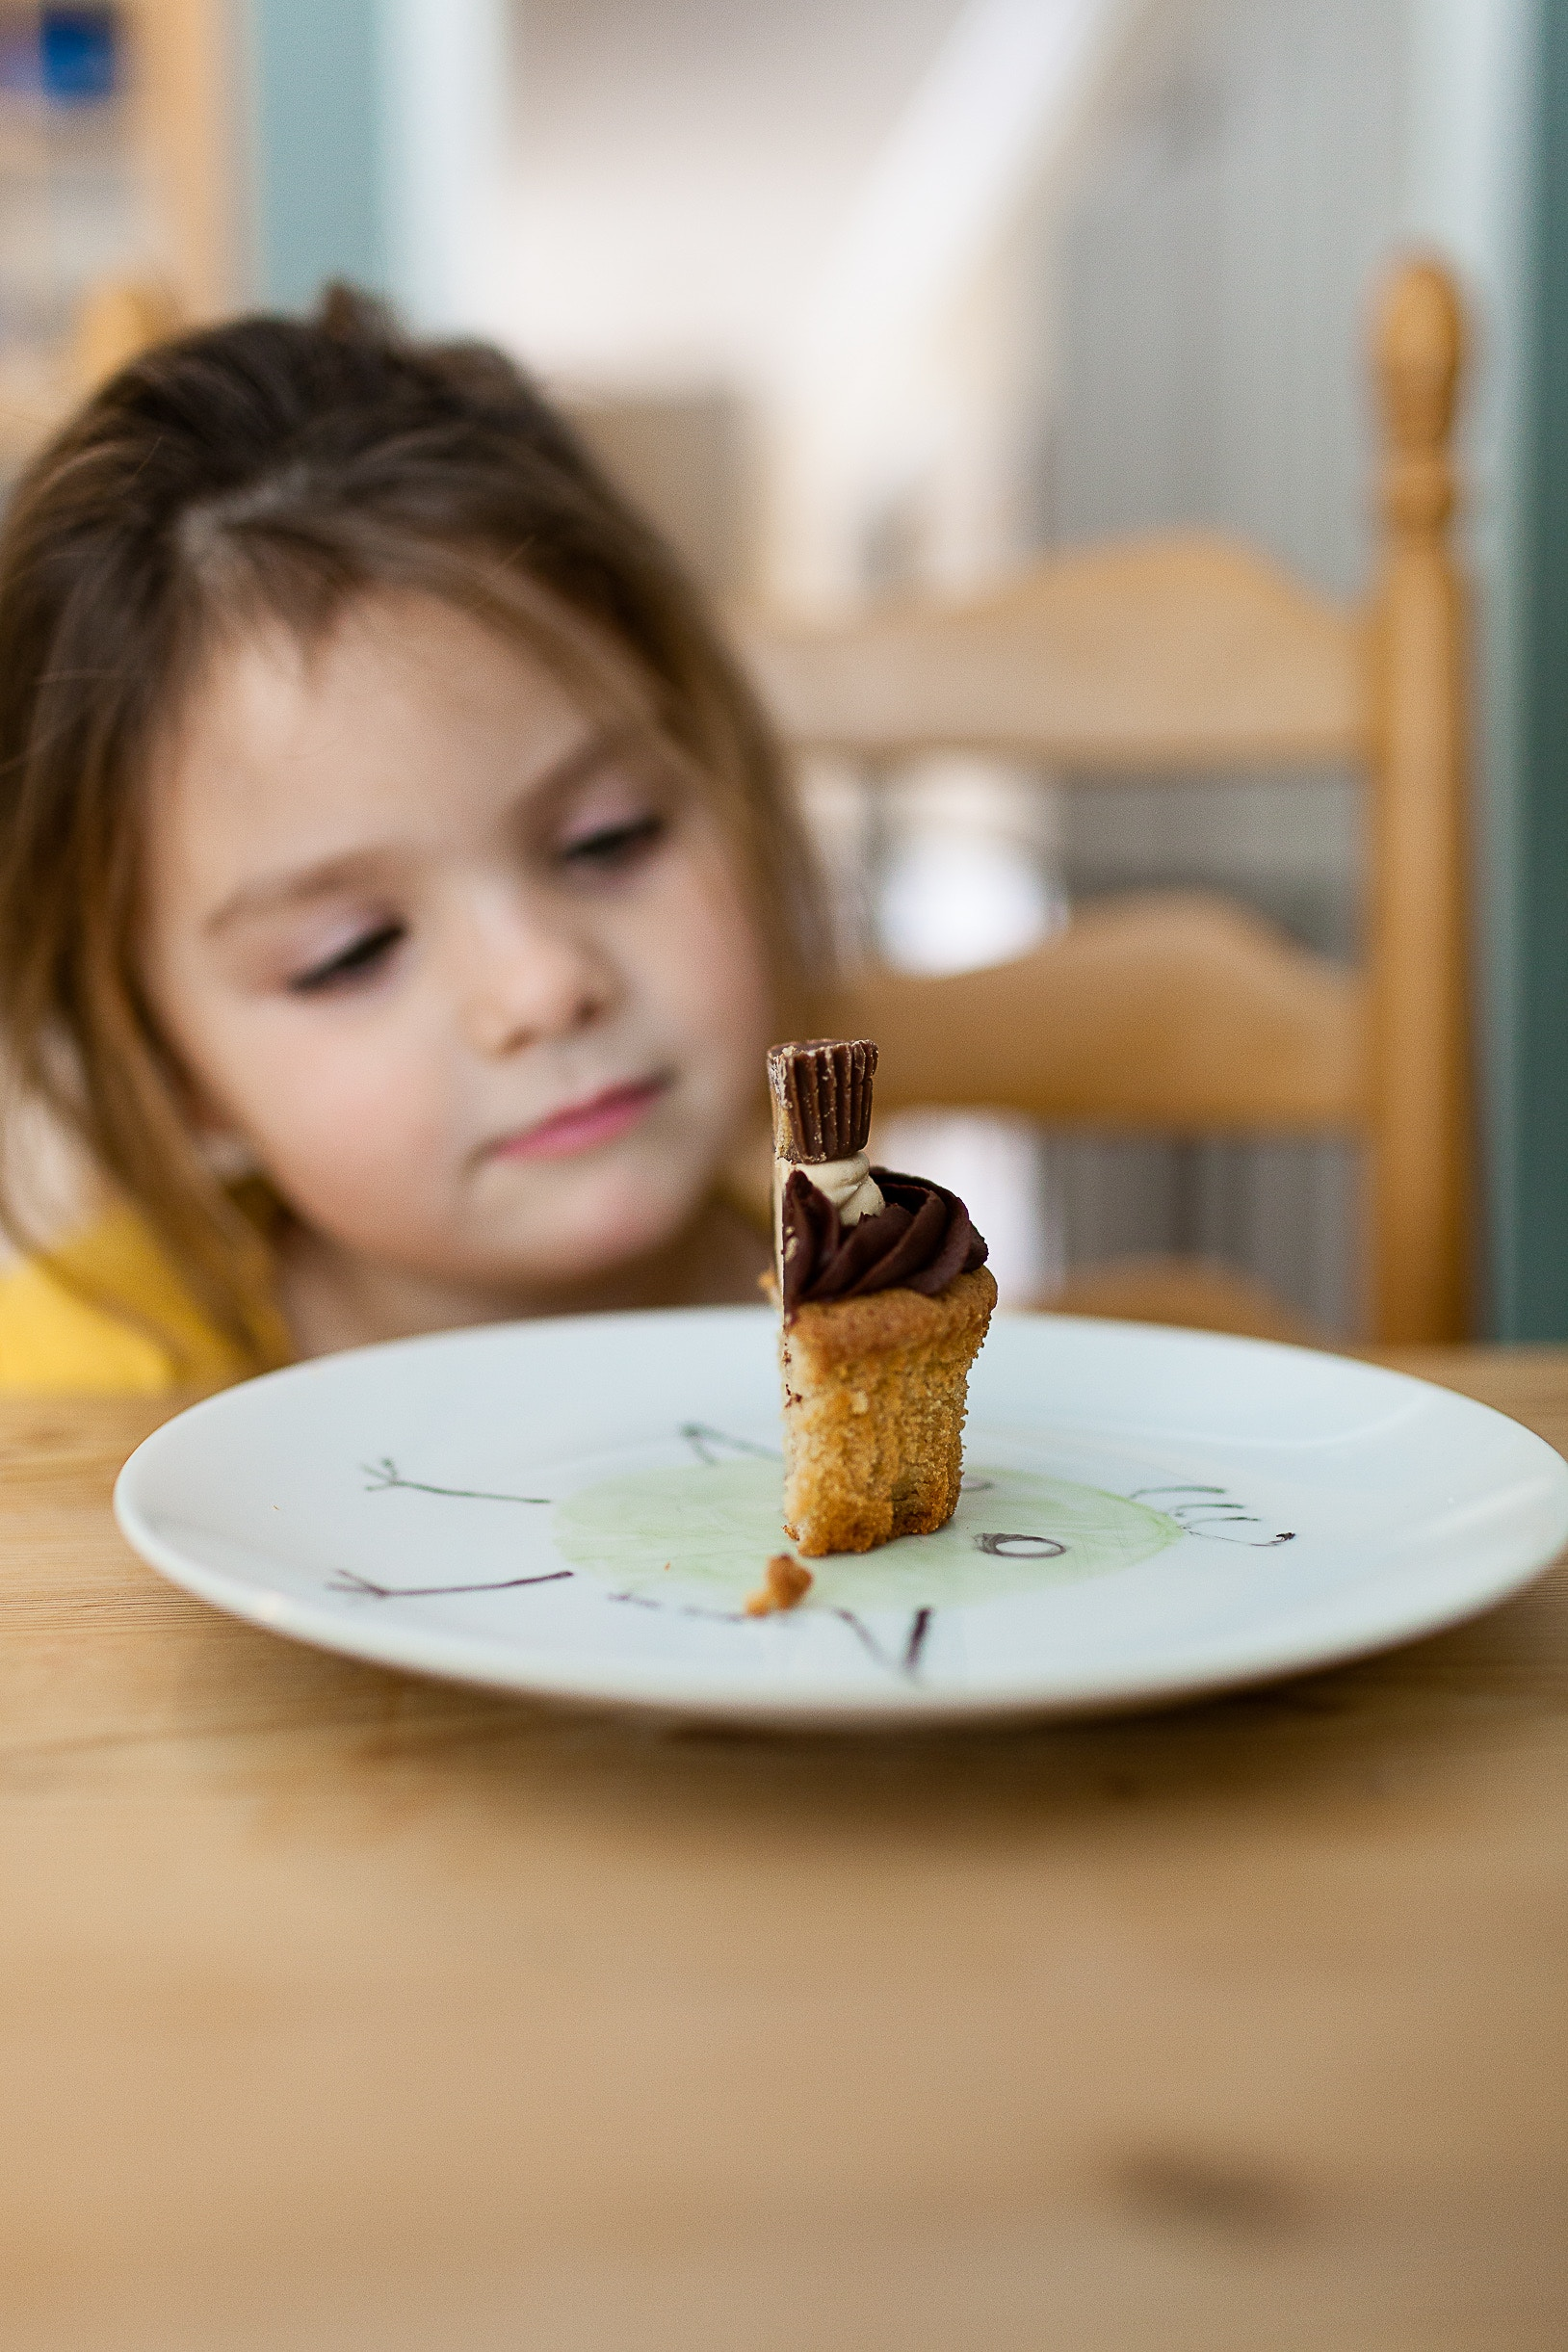 cómo evitar el sobrepeso infantil